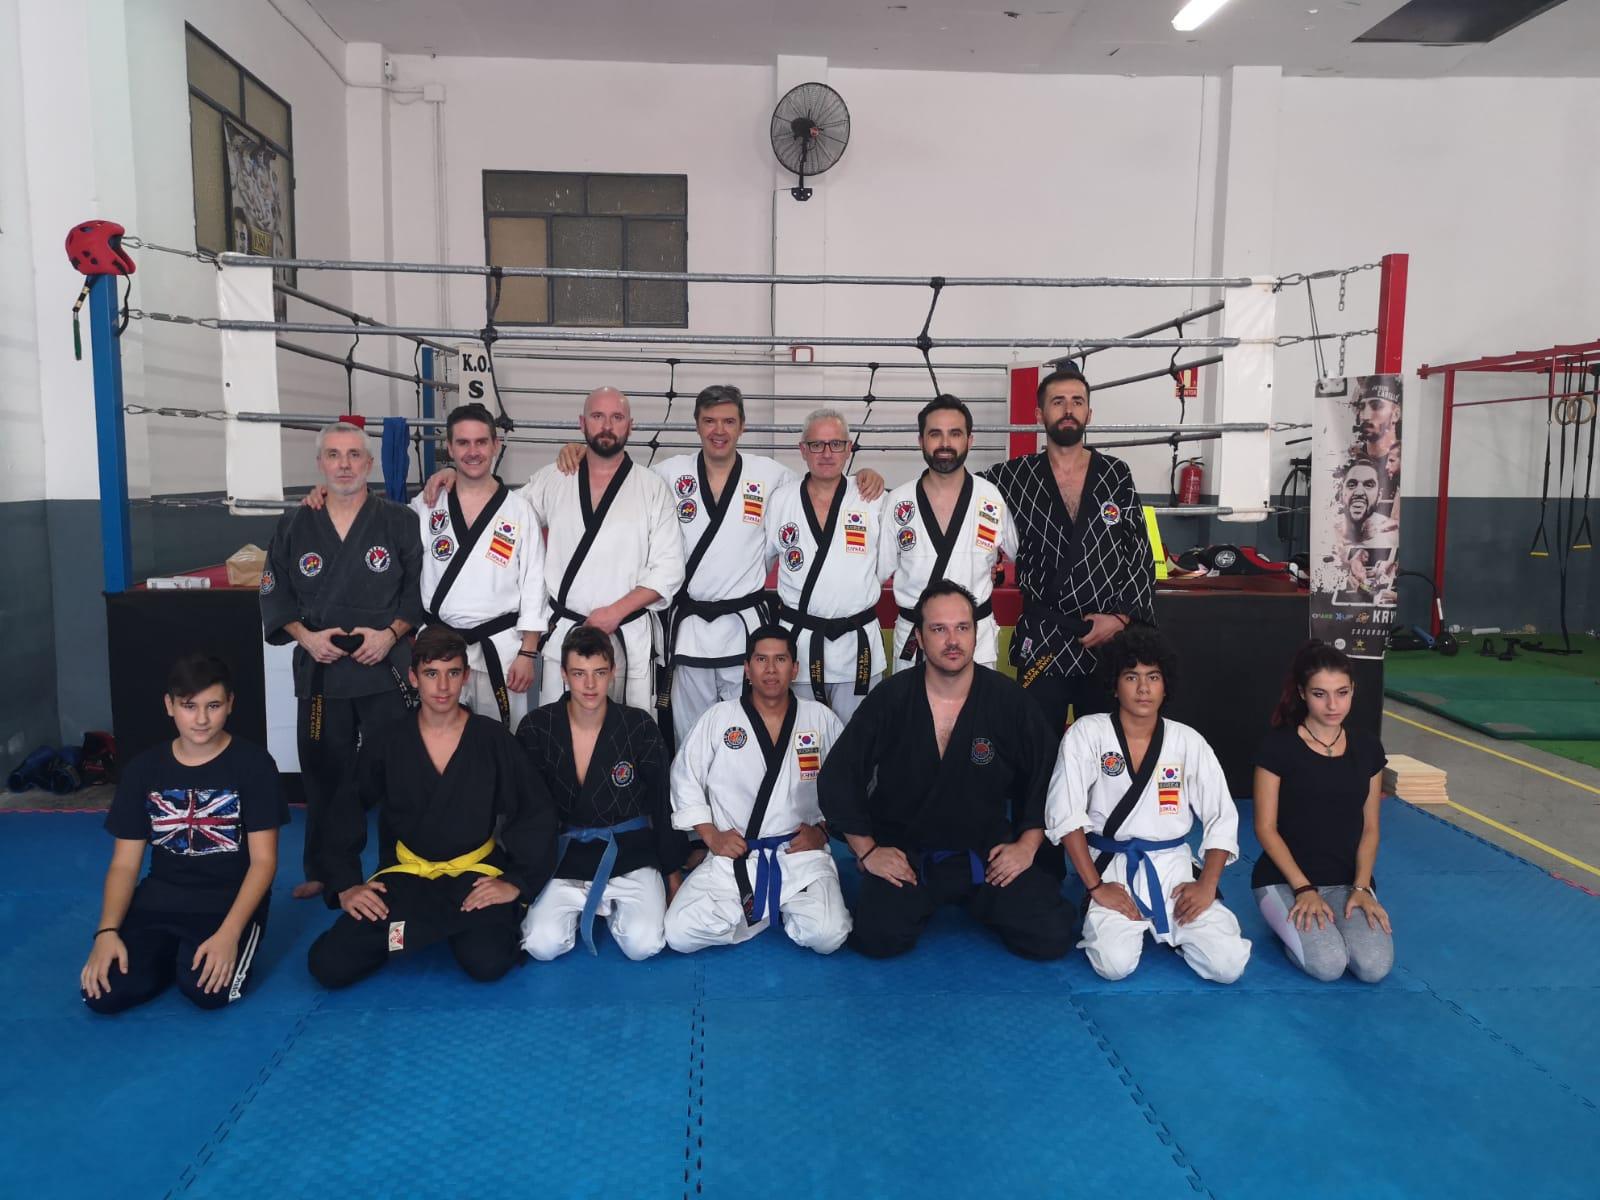 Grupo seminario impartido por cinturones negros - Julio 2019